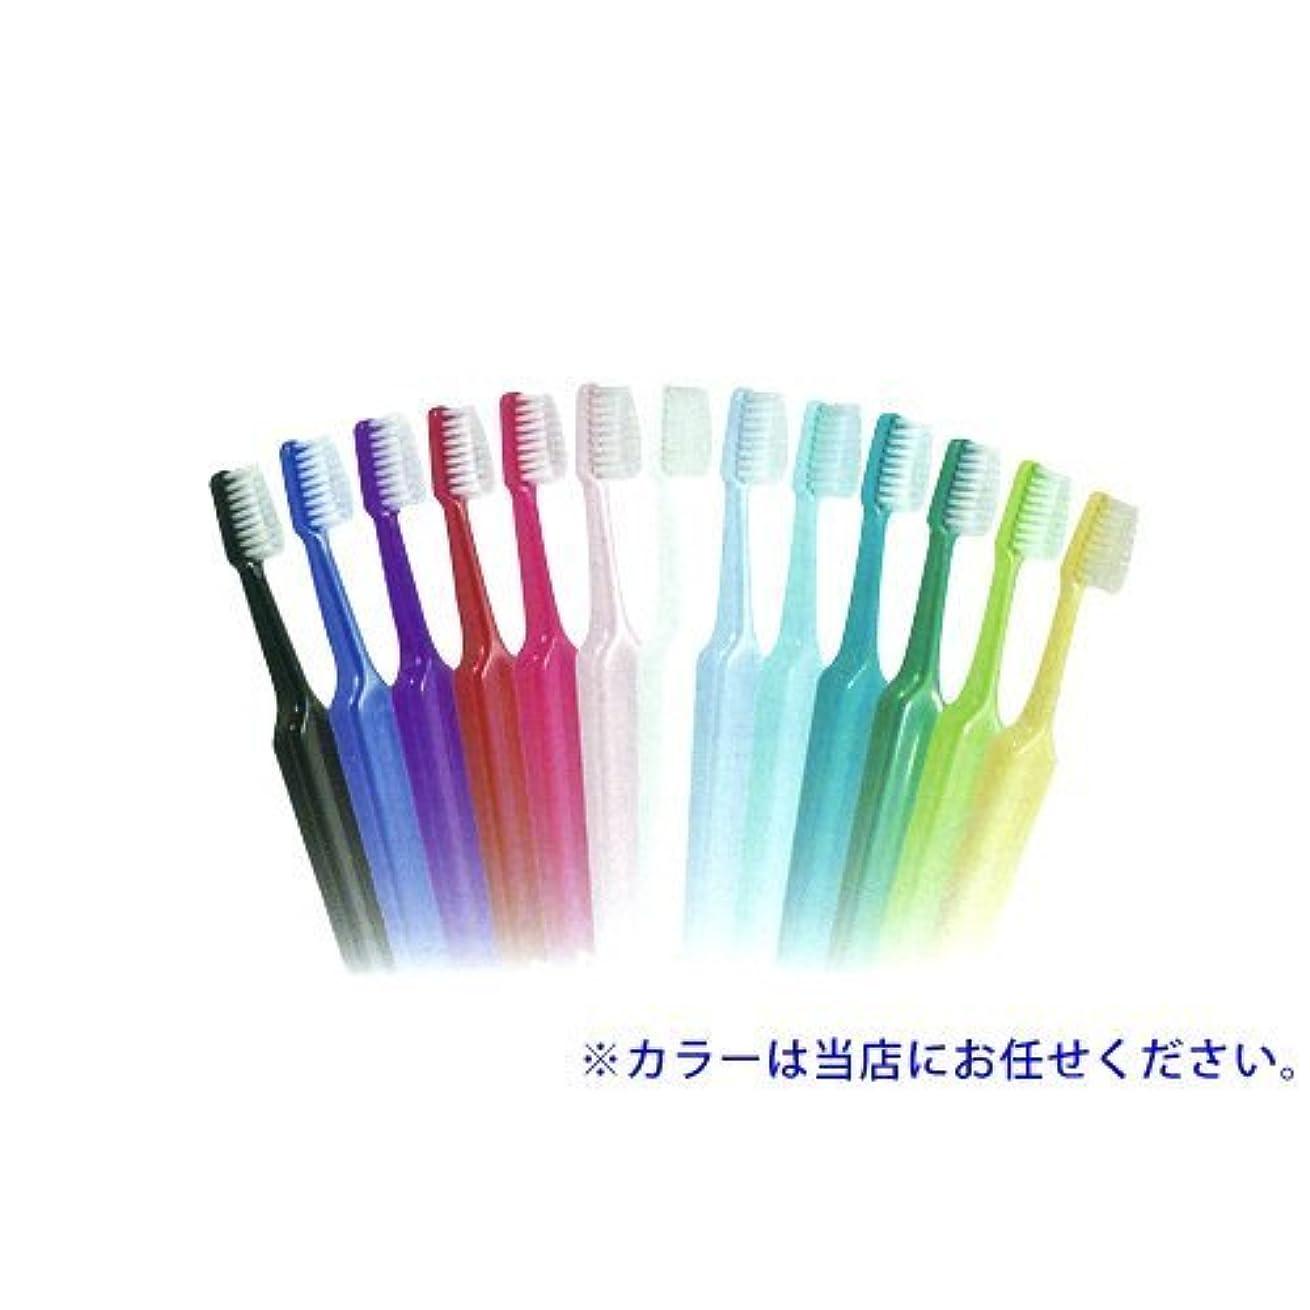 サスペンション記憶稚魚Tepe歯ブラシ セレクトミニ/ソフト 25本/箱